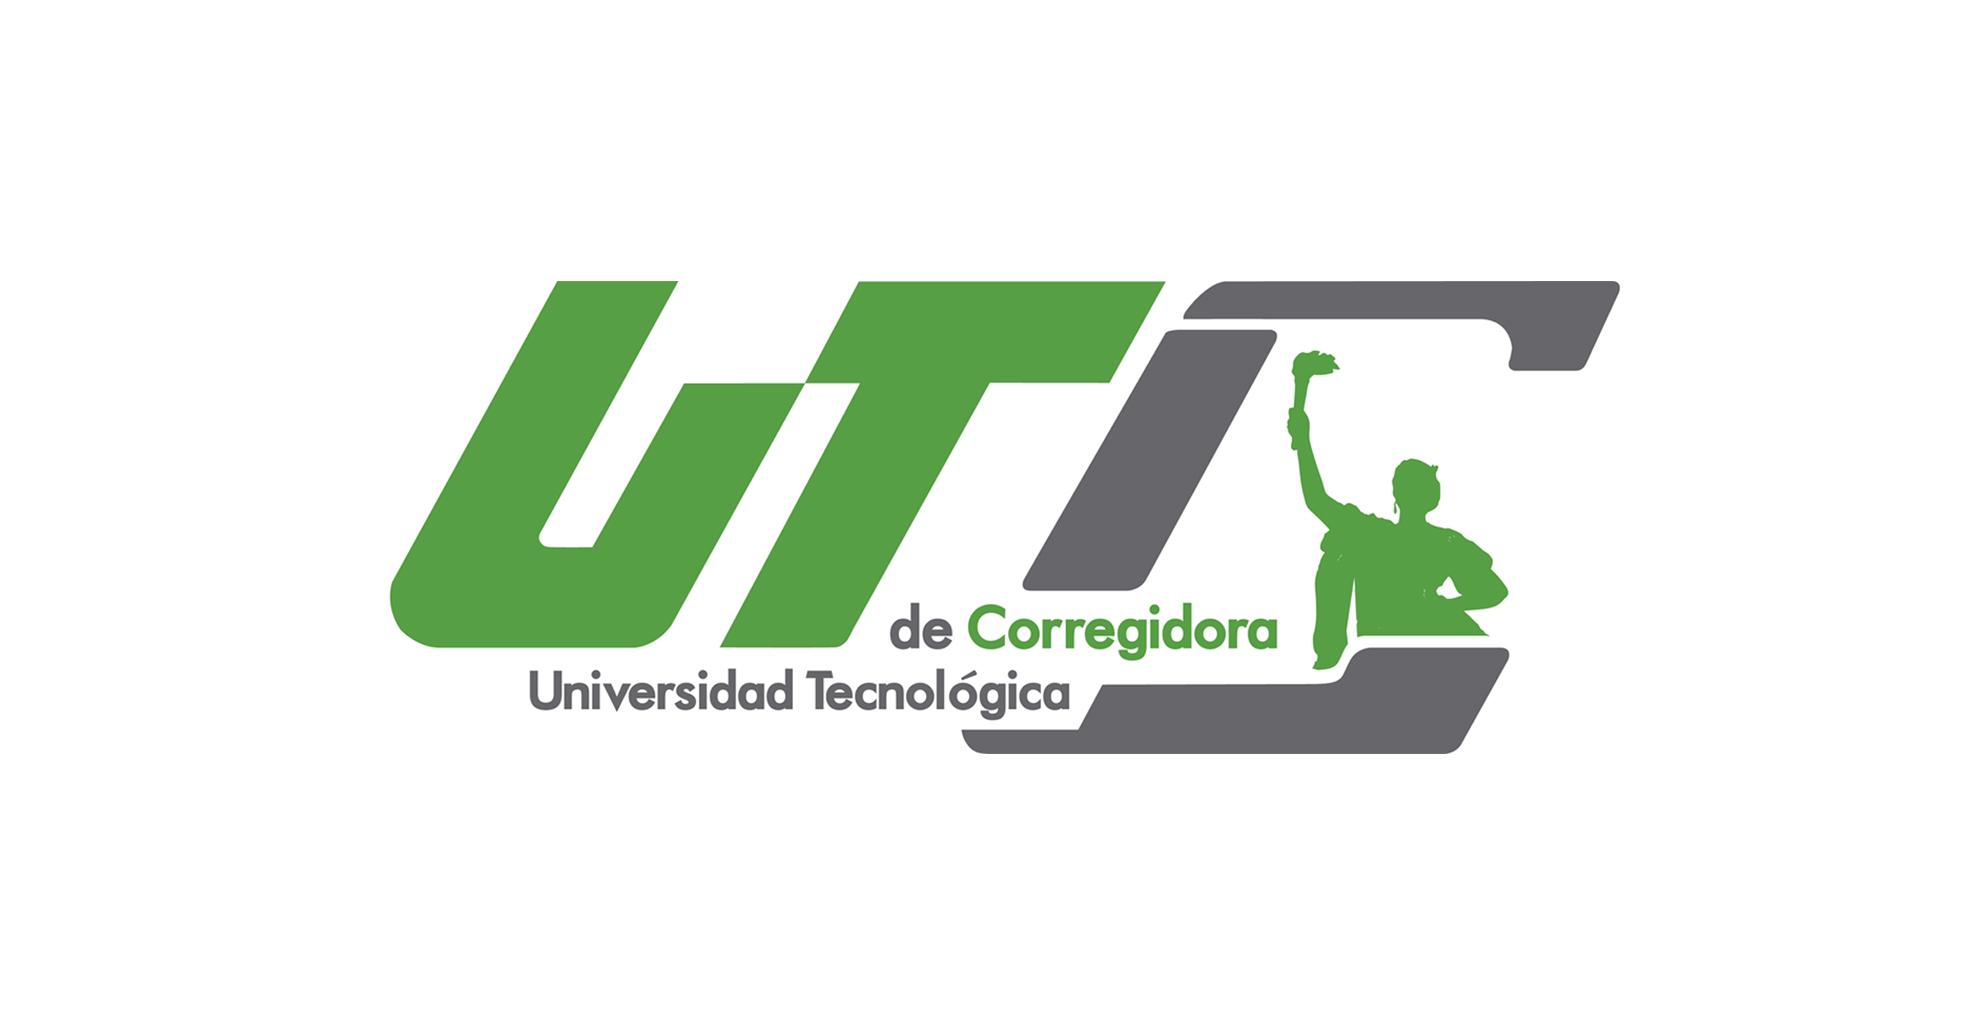 UT Corregidora